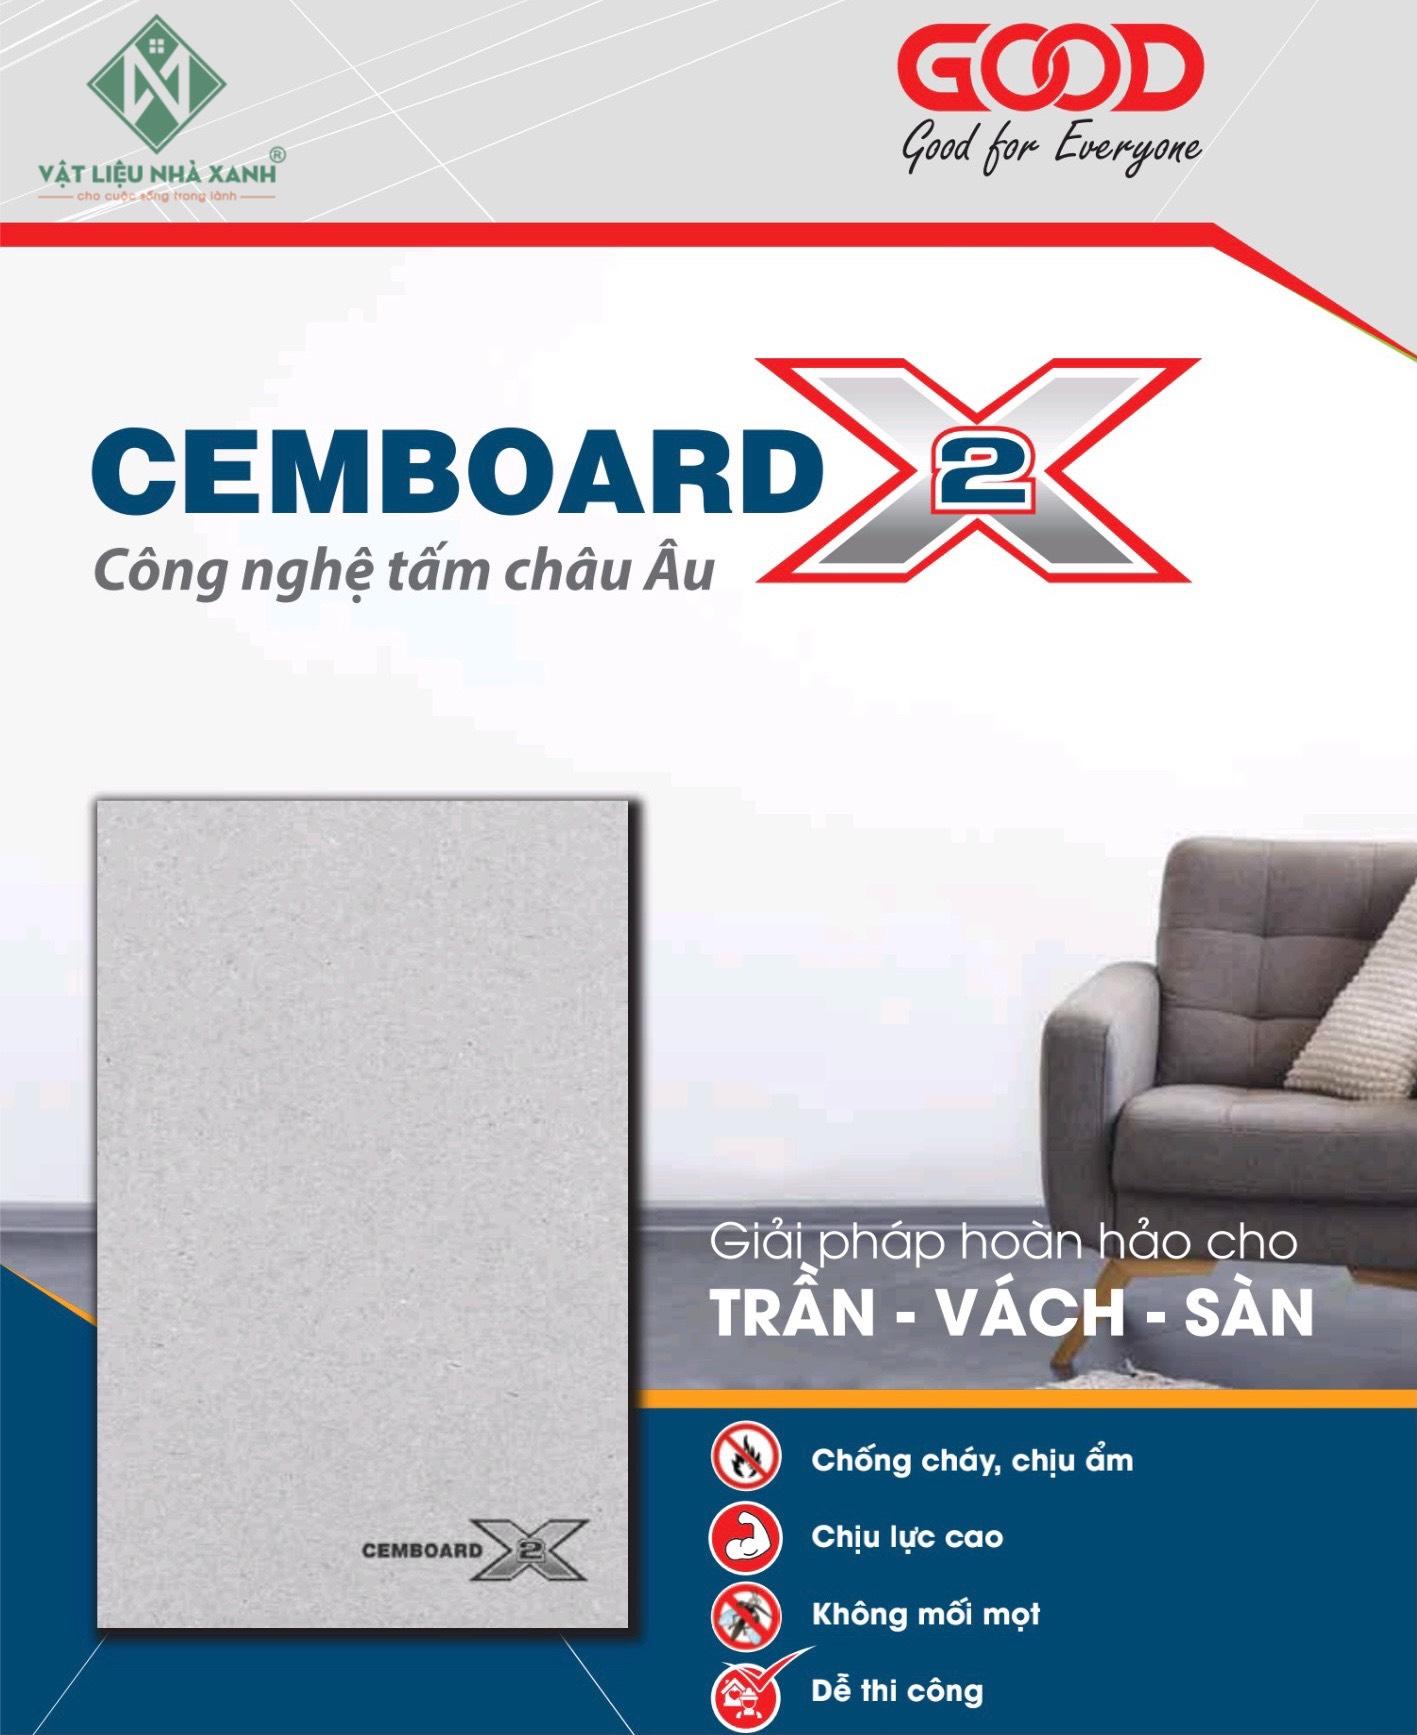 Tấm Xi Măng Cemboard X2 cao cấp giá rẻ với nhiều ưu điểm